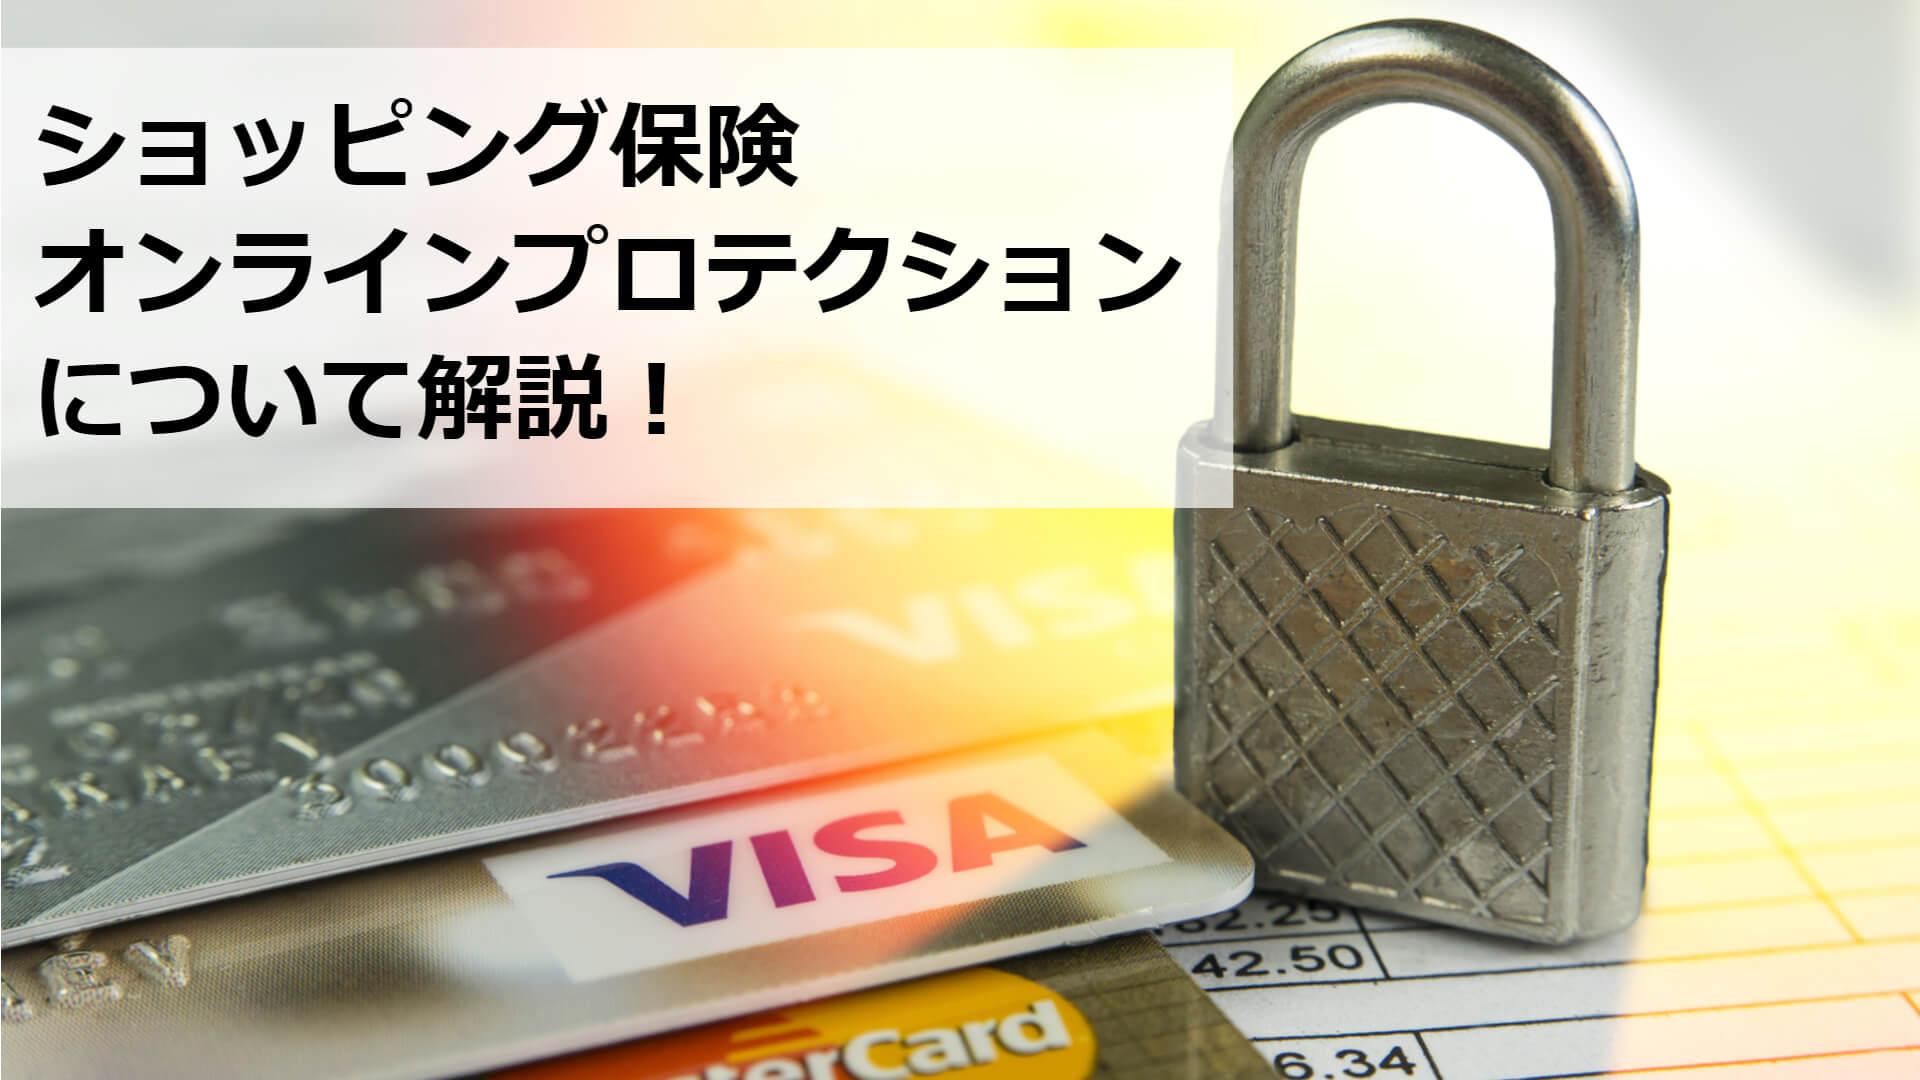 クレジットカードのショッピング保険・オンラインプロテクションはほぼ全てのクレカに付帯する買い物保険。どこまで補償できる?気になる適用条件は?